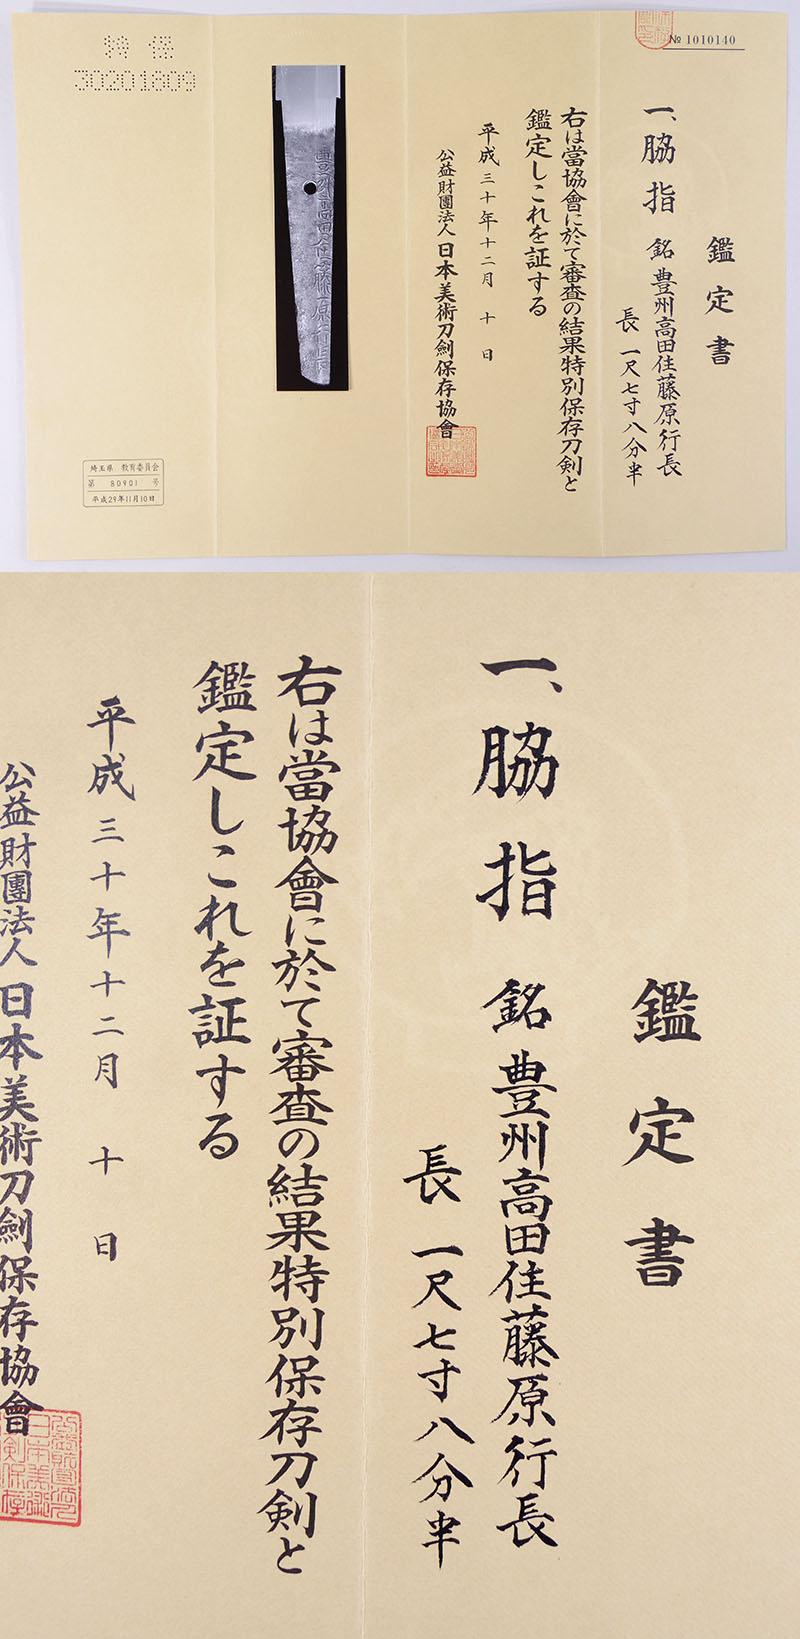 豊州高田住藤原行長 Picture of Certificate